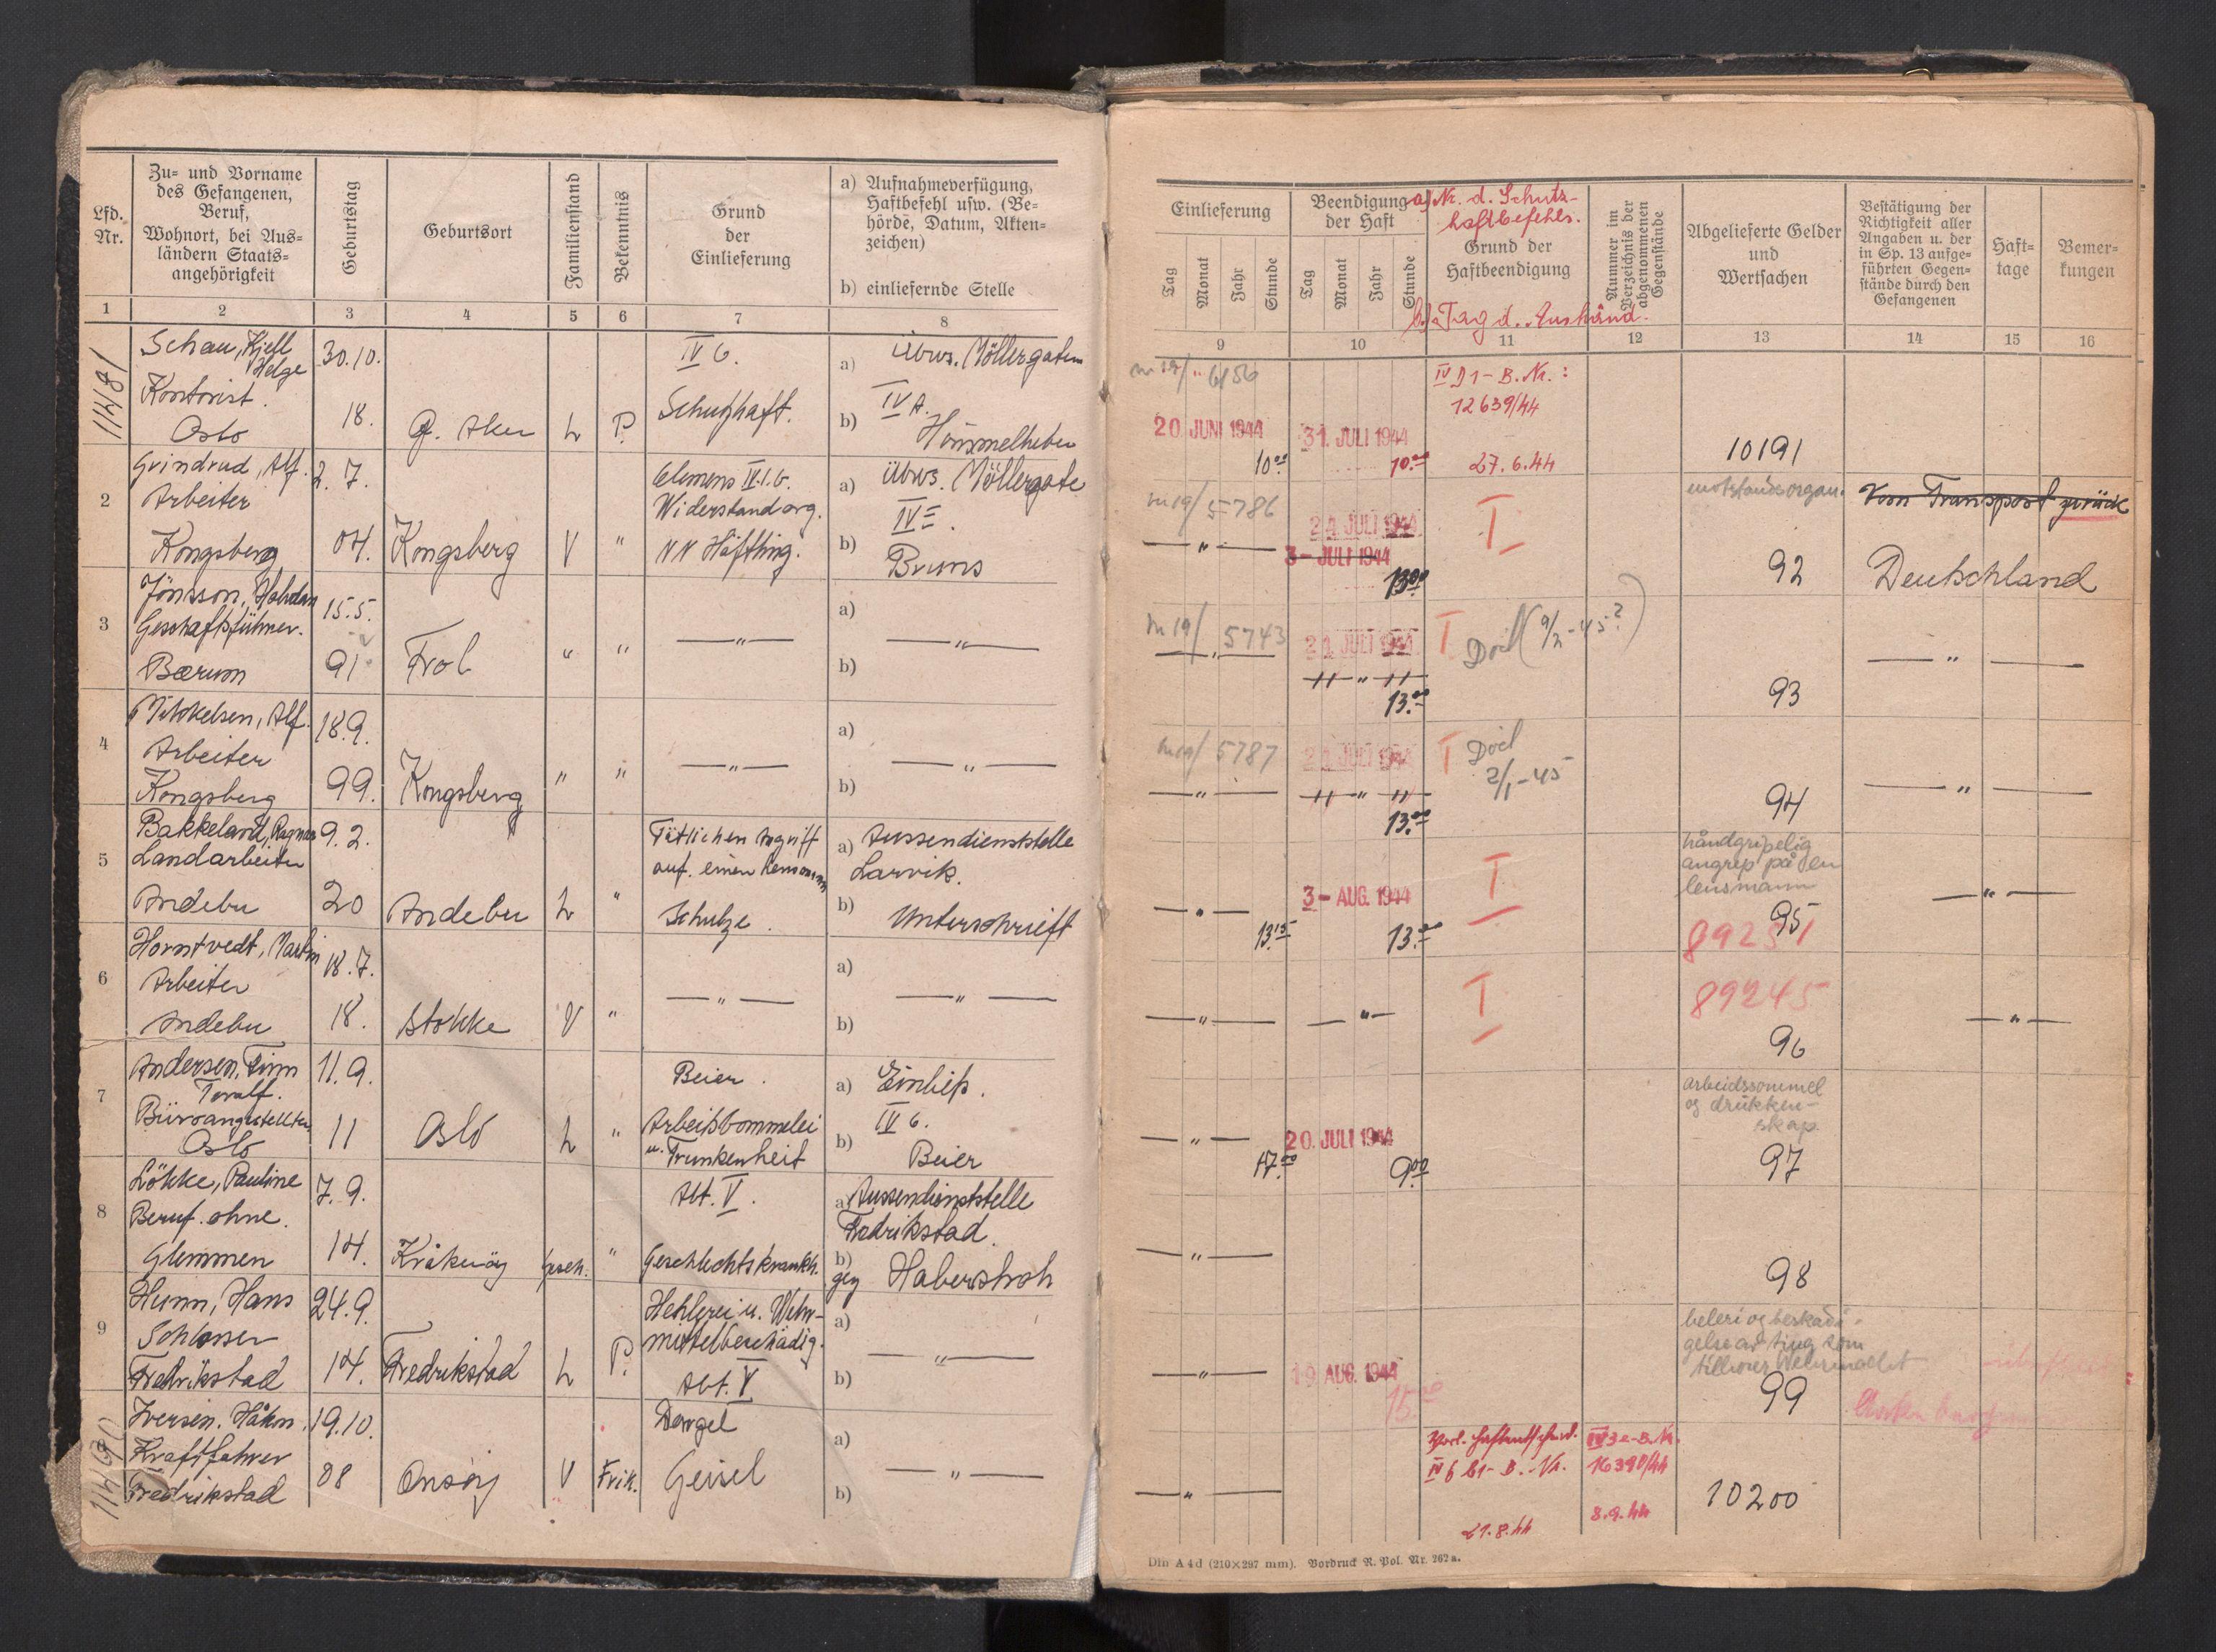 RA, Befehlshaber der Sicherheitspolizei und des SD, F/Fa/Faa/L0007: Fangeprotokoll. - Gefangenen-Buch B. Fangenr. 11481-13930, 1944